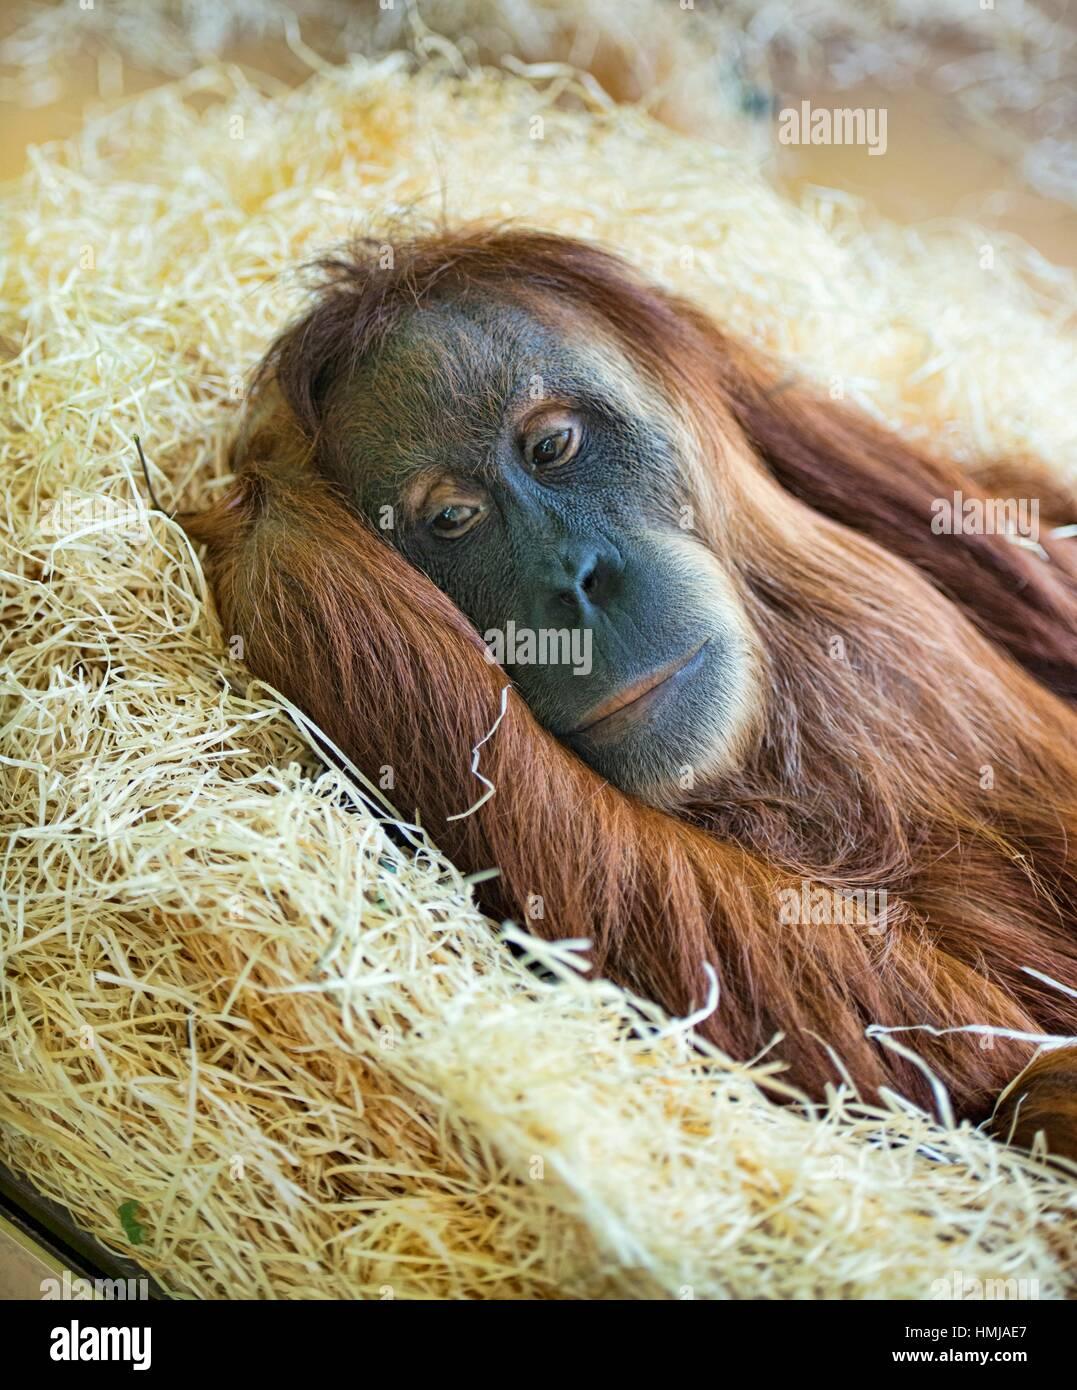 Sumatran orangutan (Pongo abelii) at rest. Stock Photo